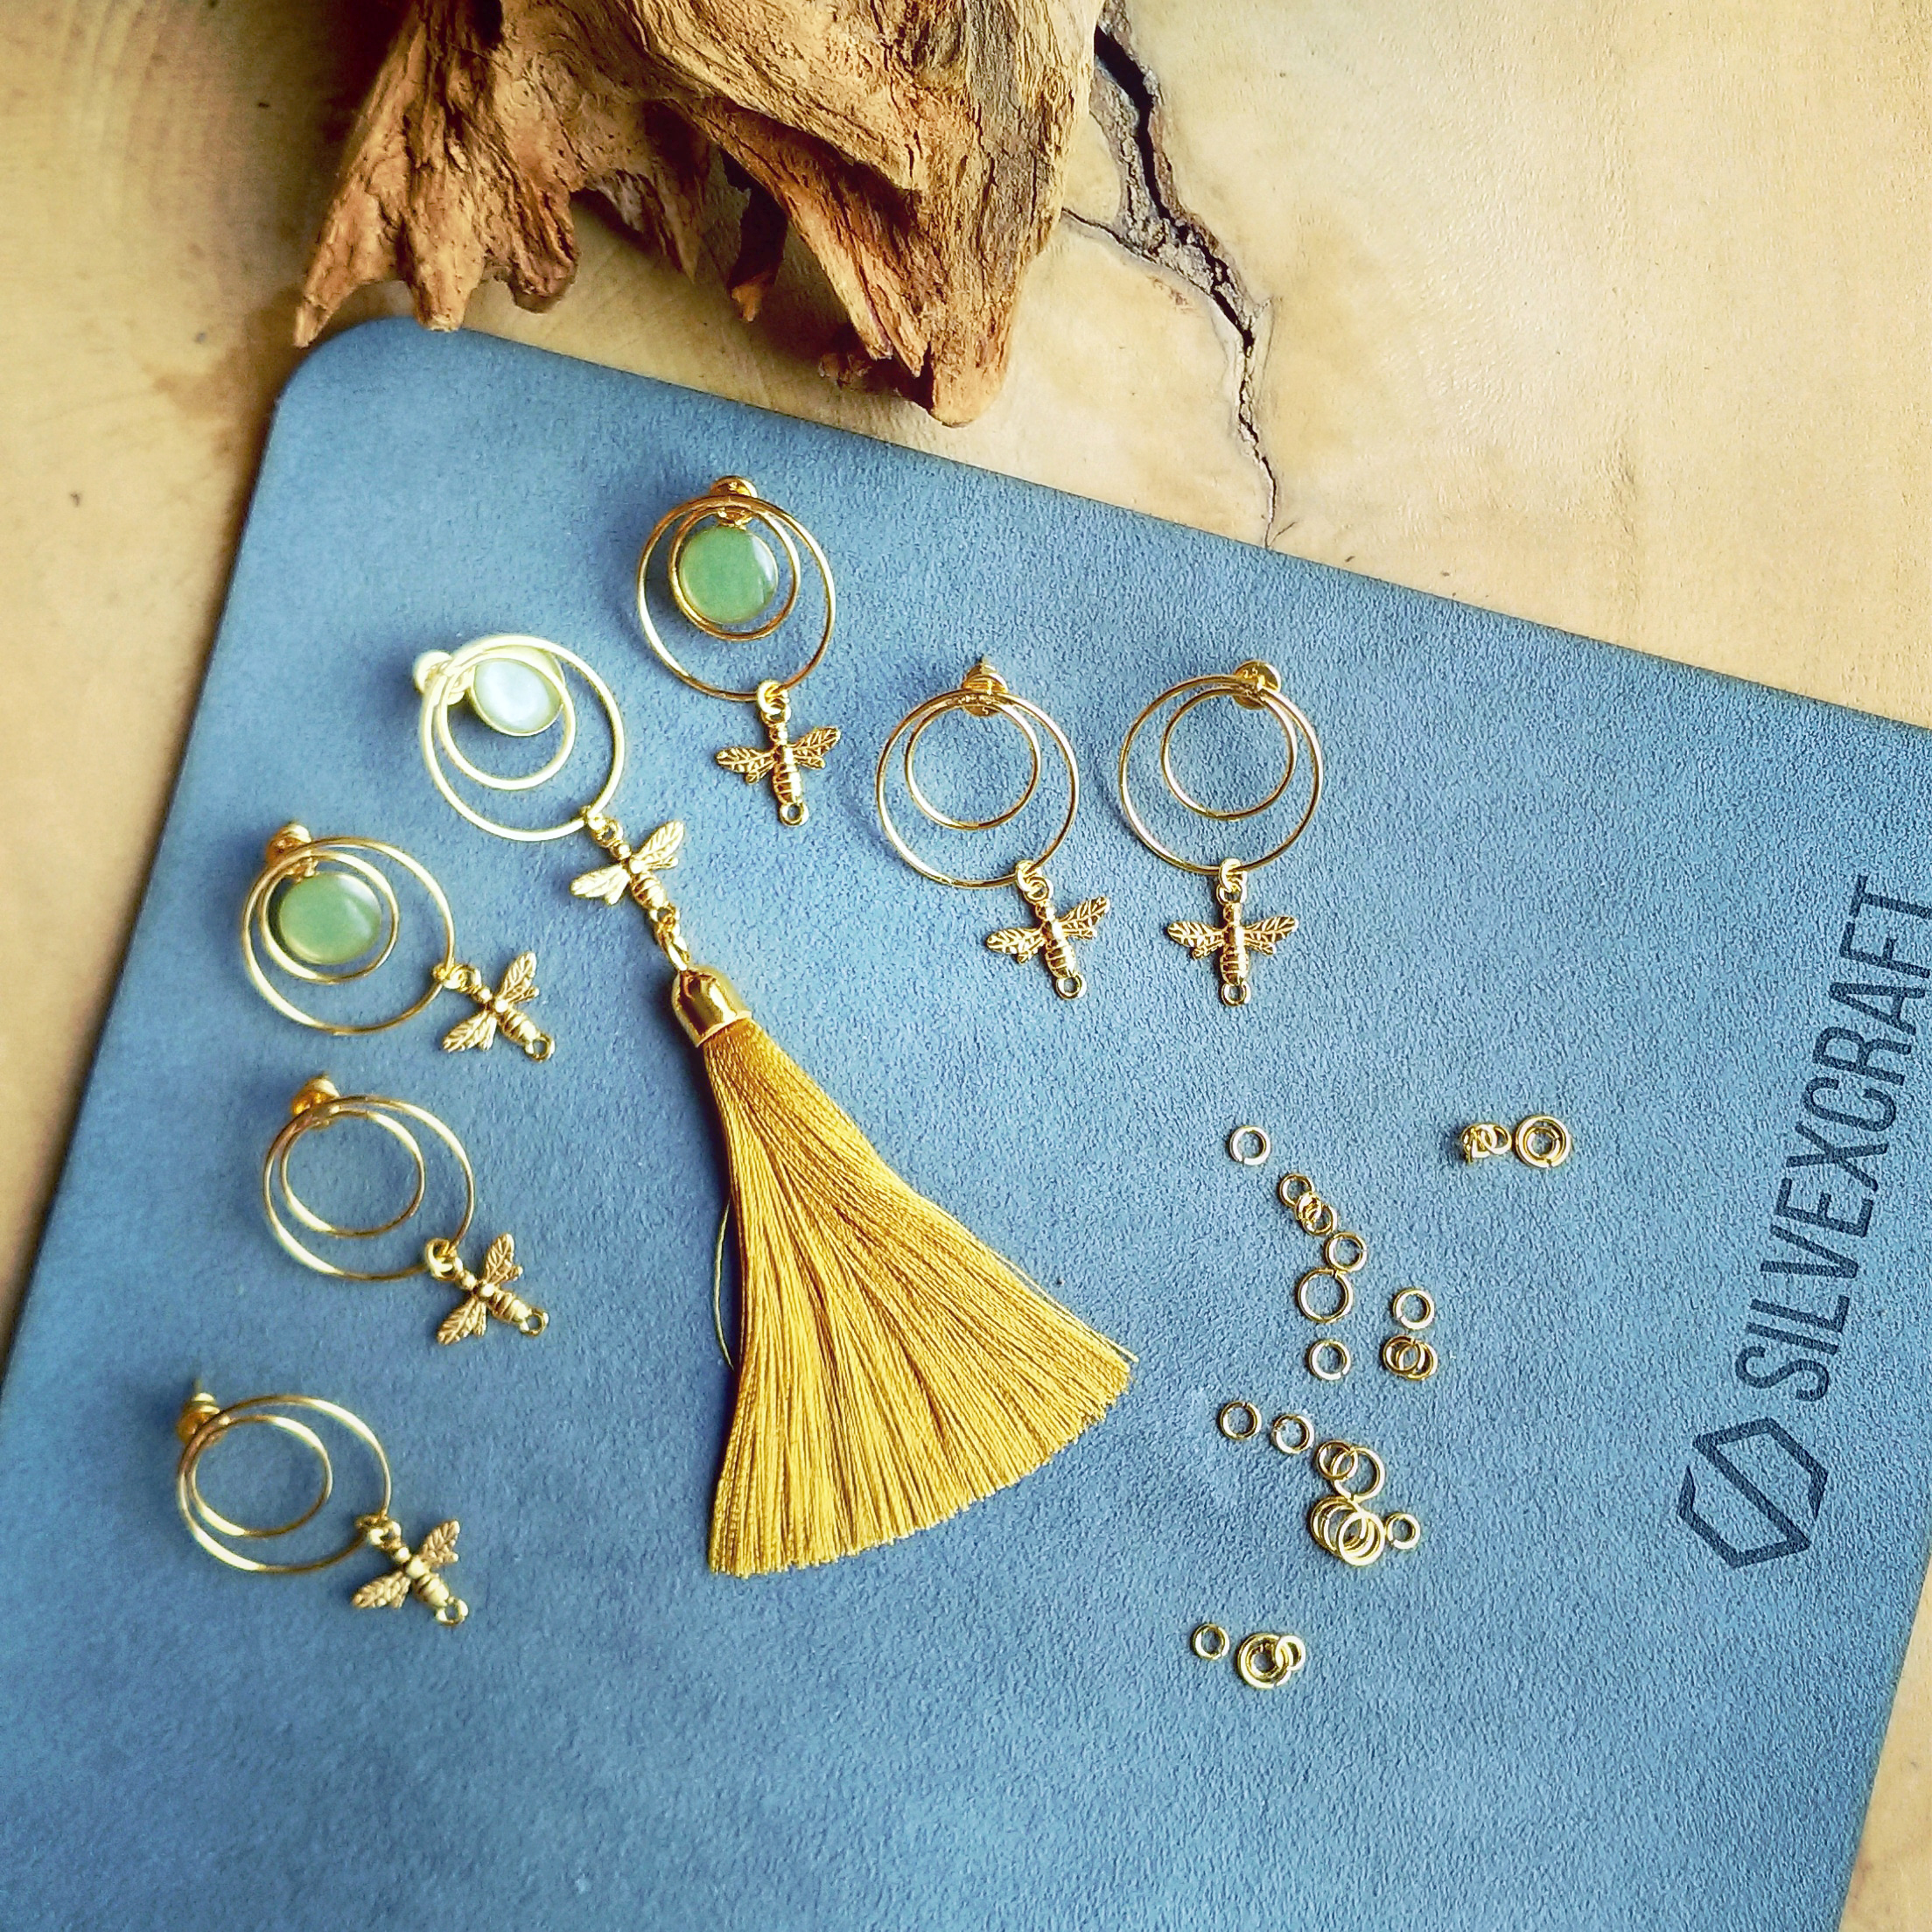 Akcesoria jubilerskie - do biżuterii z ży